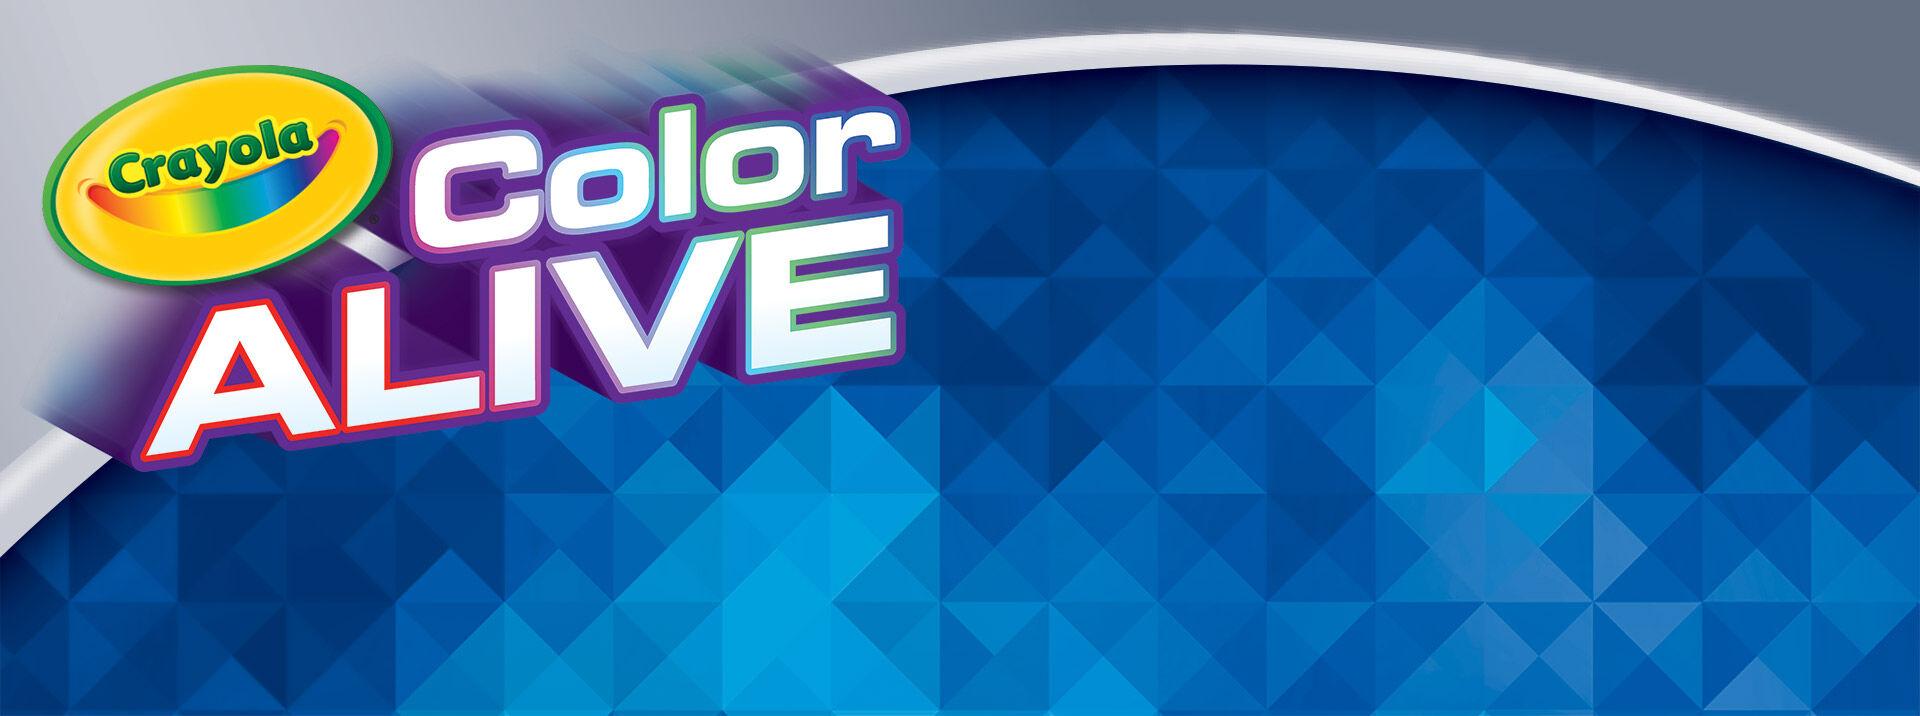 Color Alive